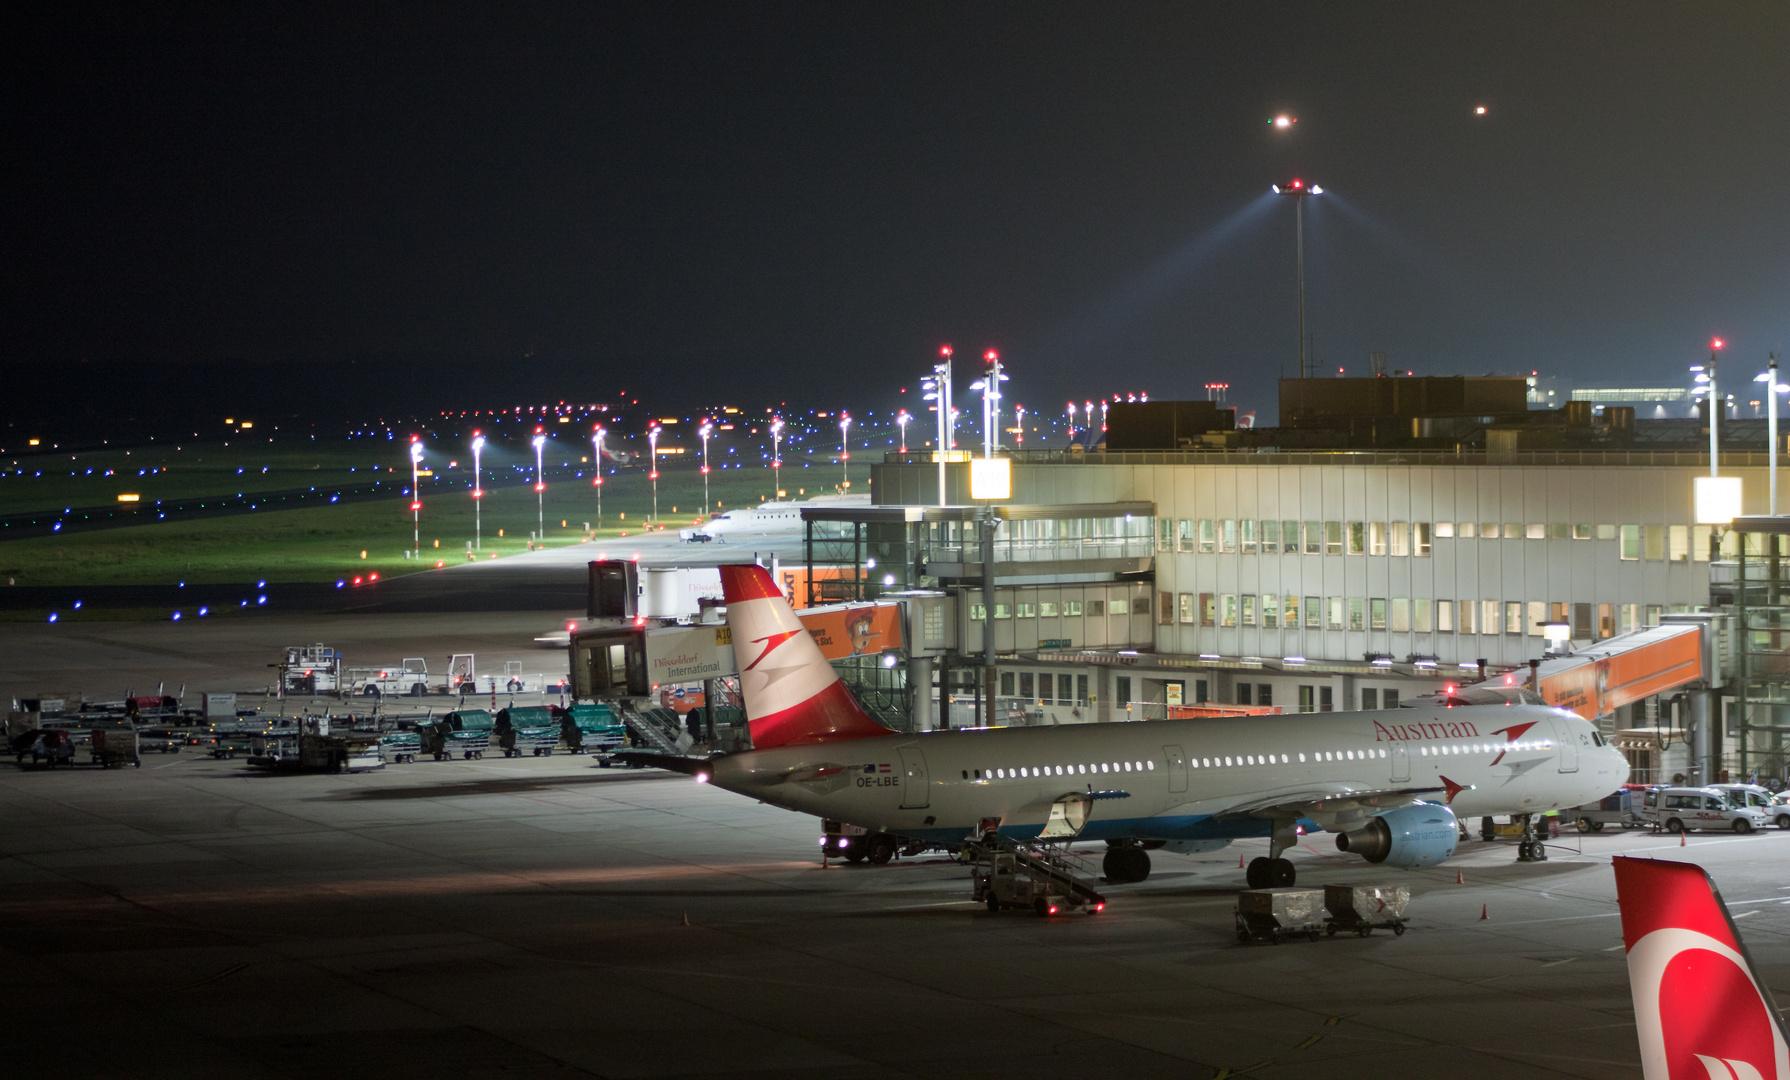 Dusseldorf Flughafen Bei Nacht Foto Bild Luftfahrt Verkehr